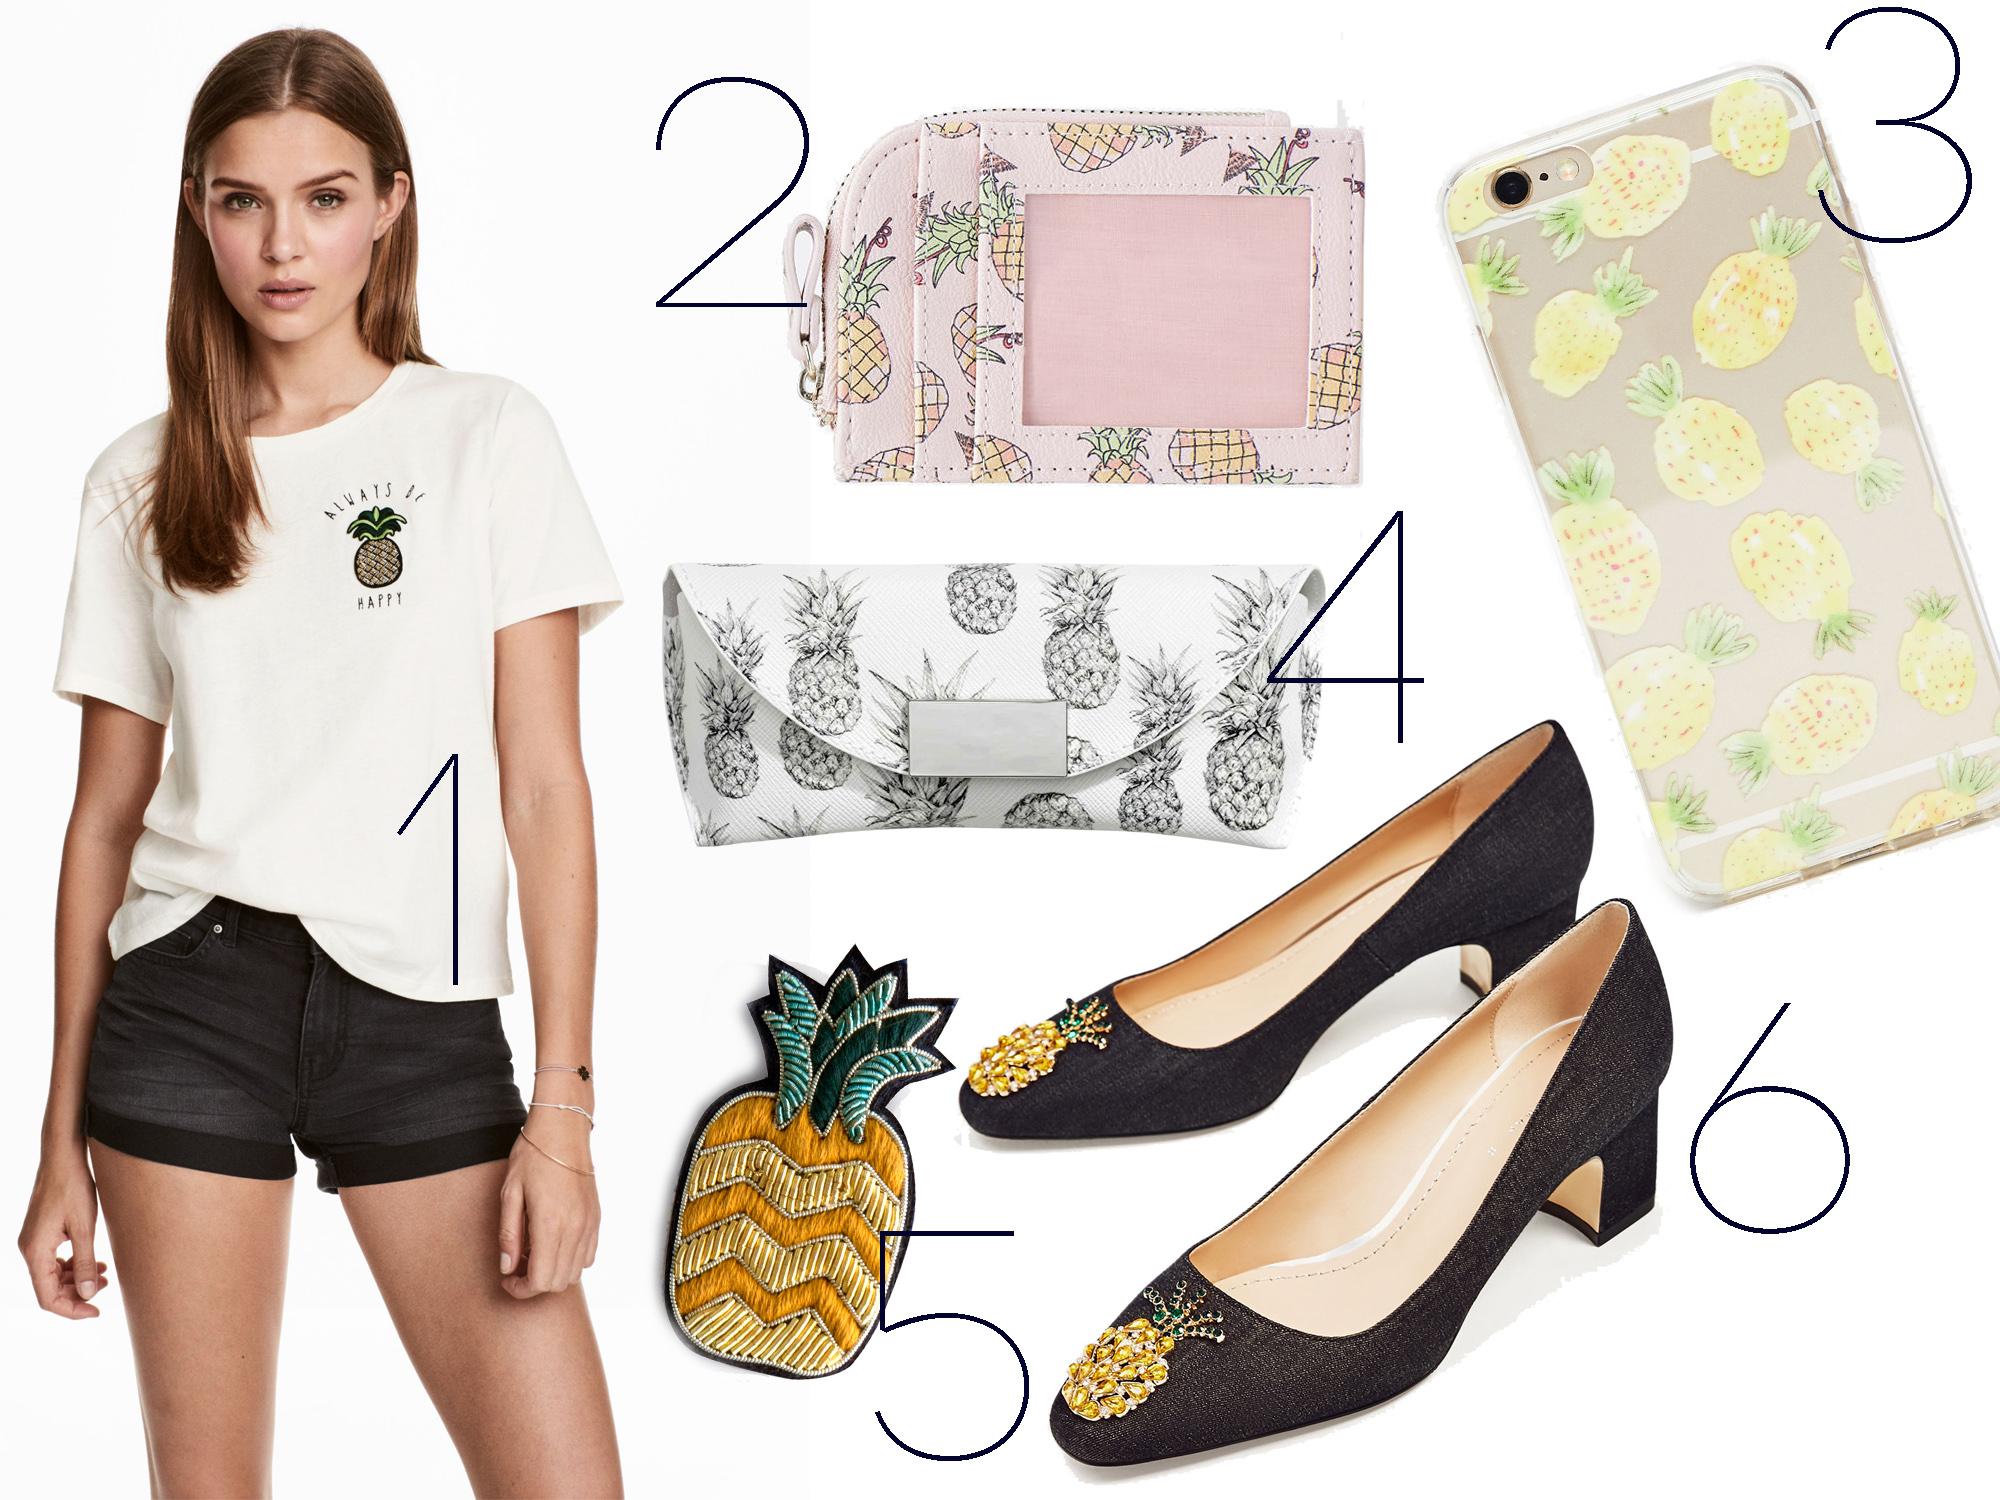 Ananász a testeden - avagy 17 ruhadarab a nyár legdivatosabb gyümölcsével